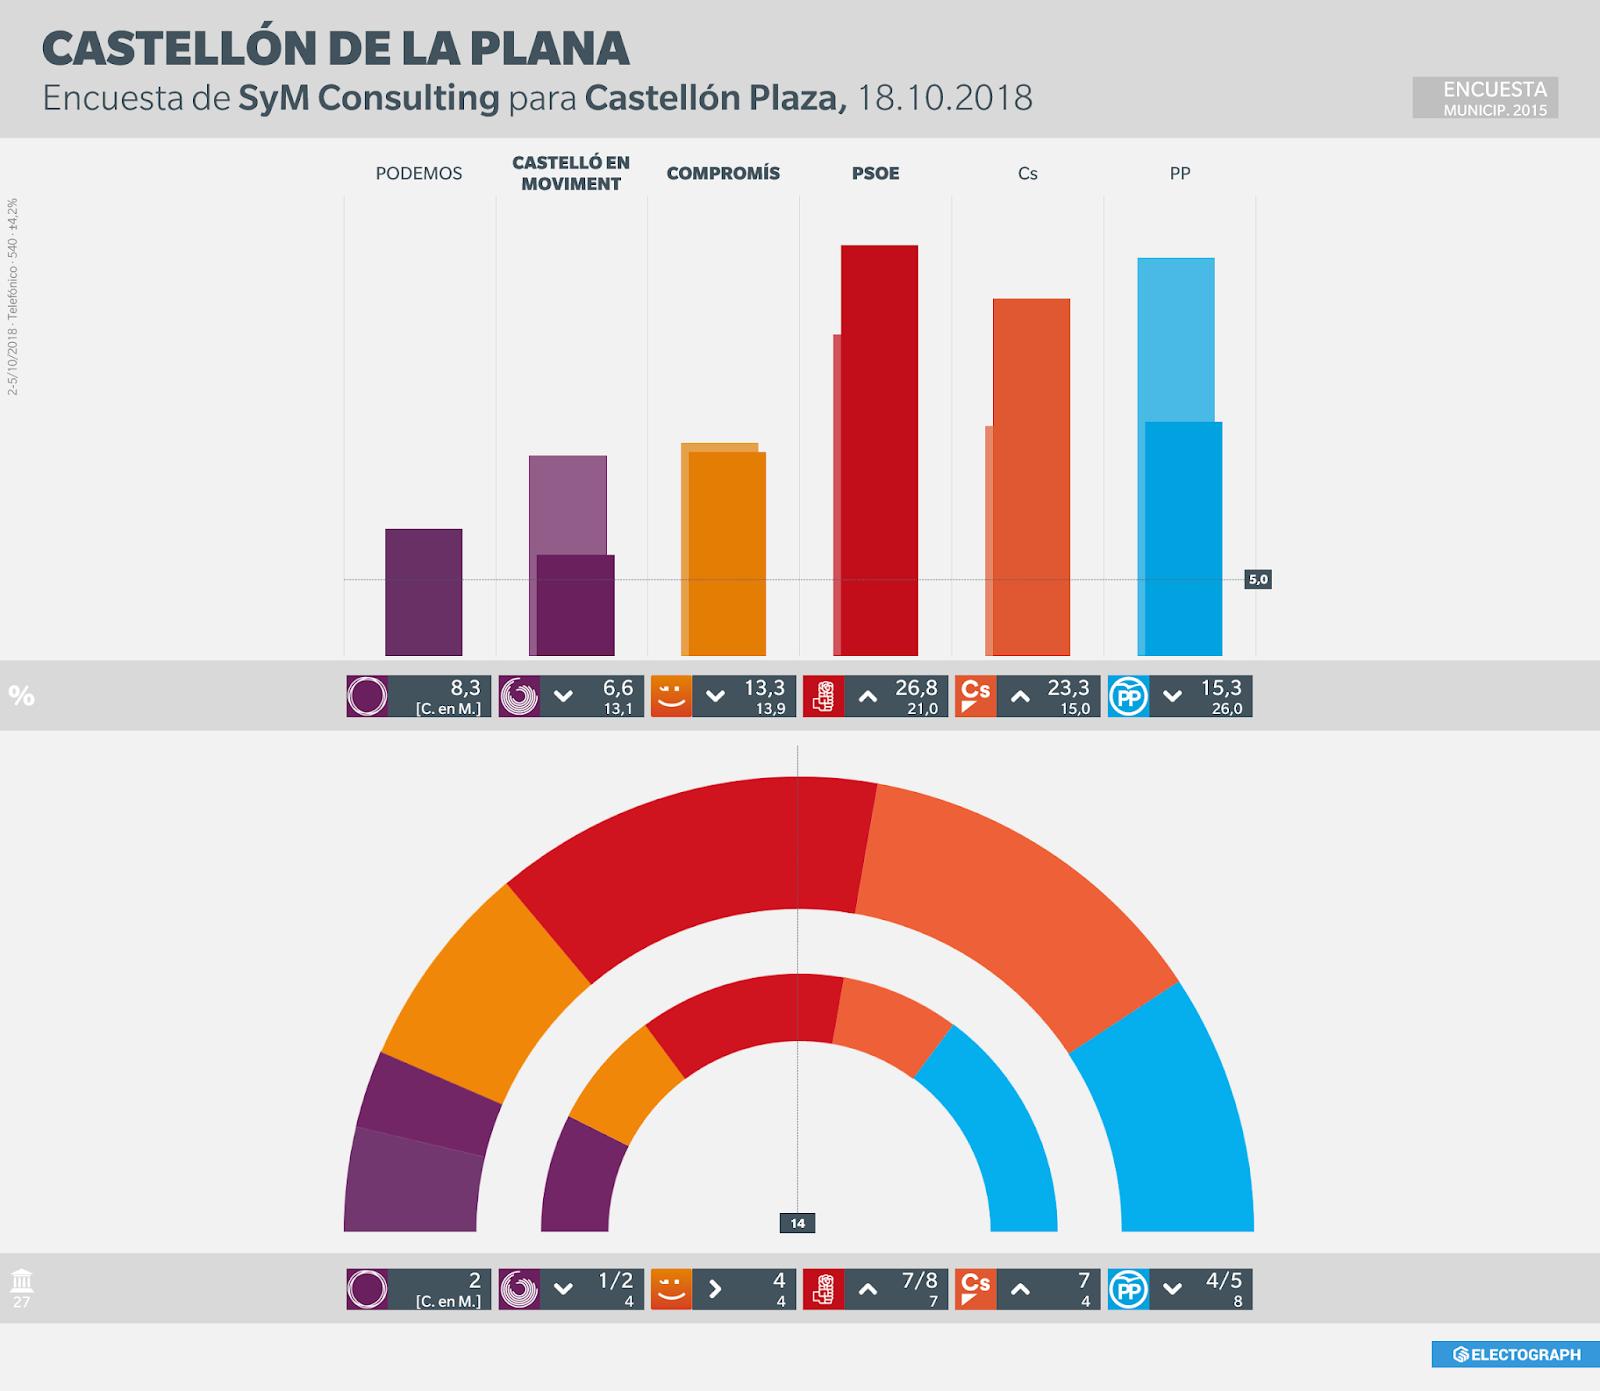 Gráfico de la encuesta para elecciones municipales en Castellón de la Plana realizada por SyM Consulting para Castellón Plaza en octubre de 2018